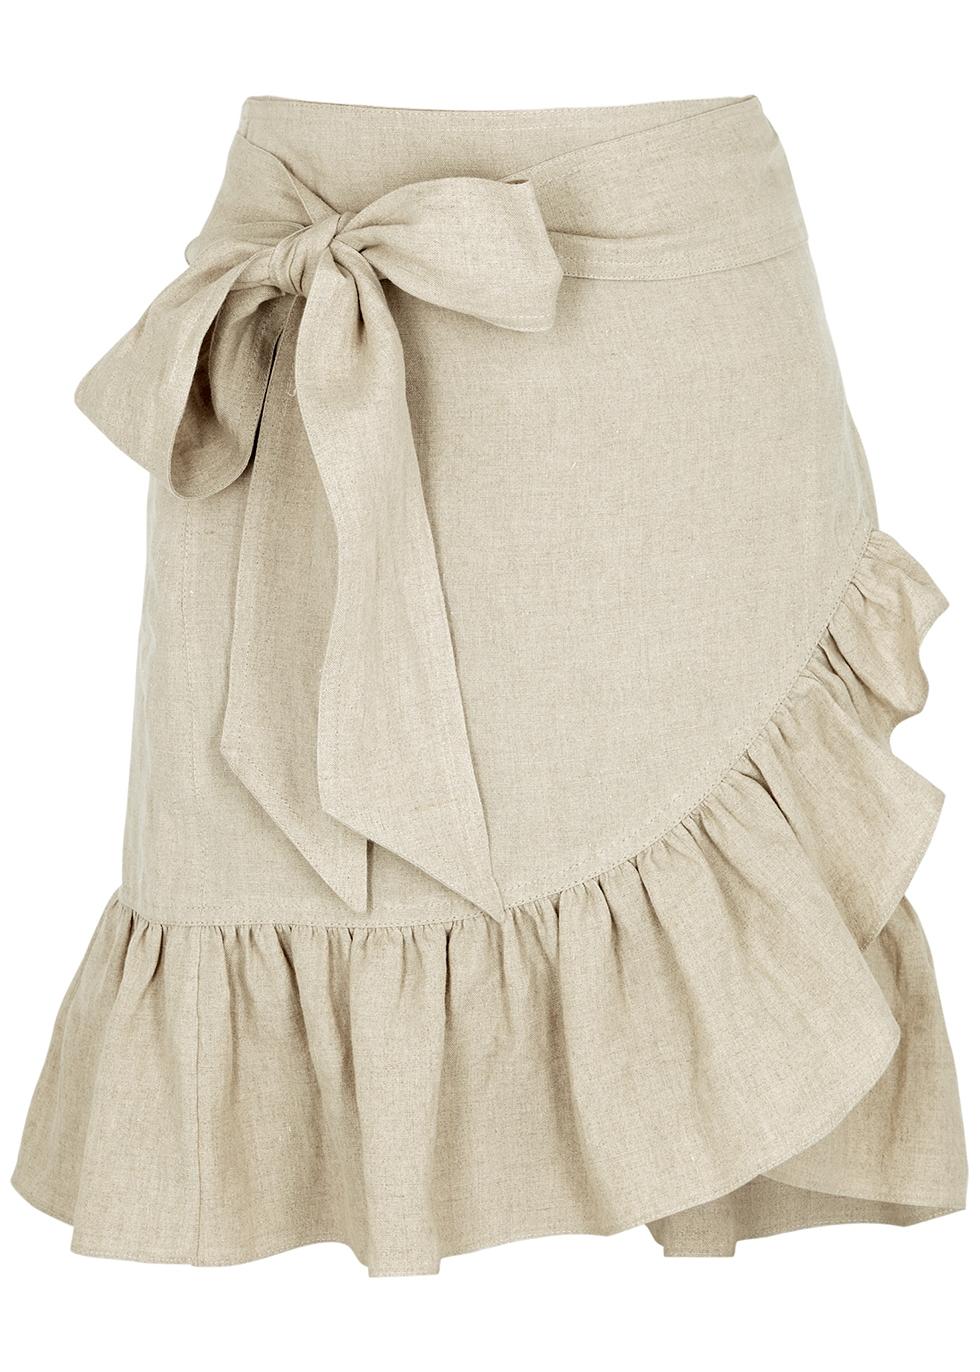 Tempster ecru linen wrap skirt